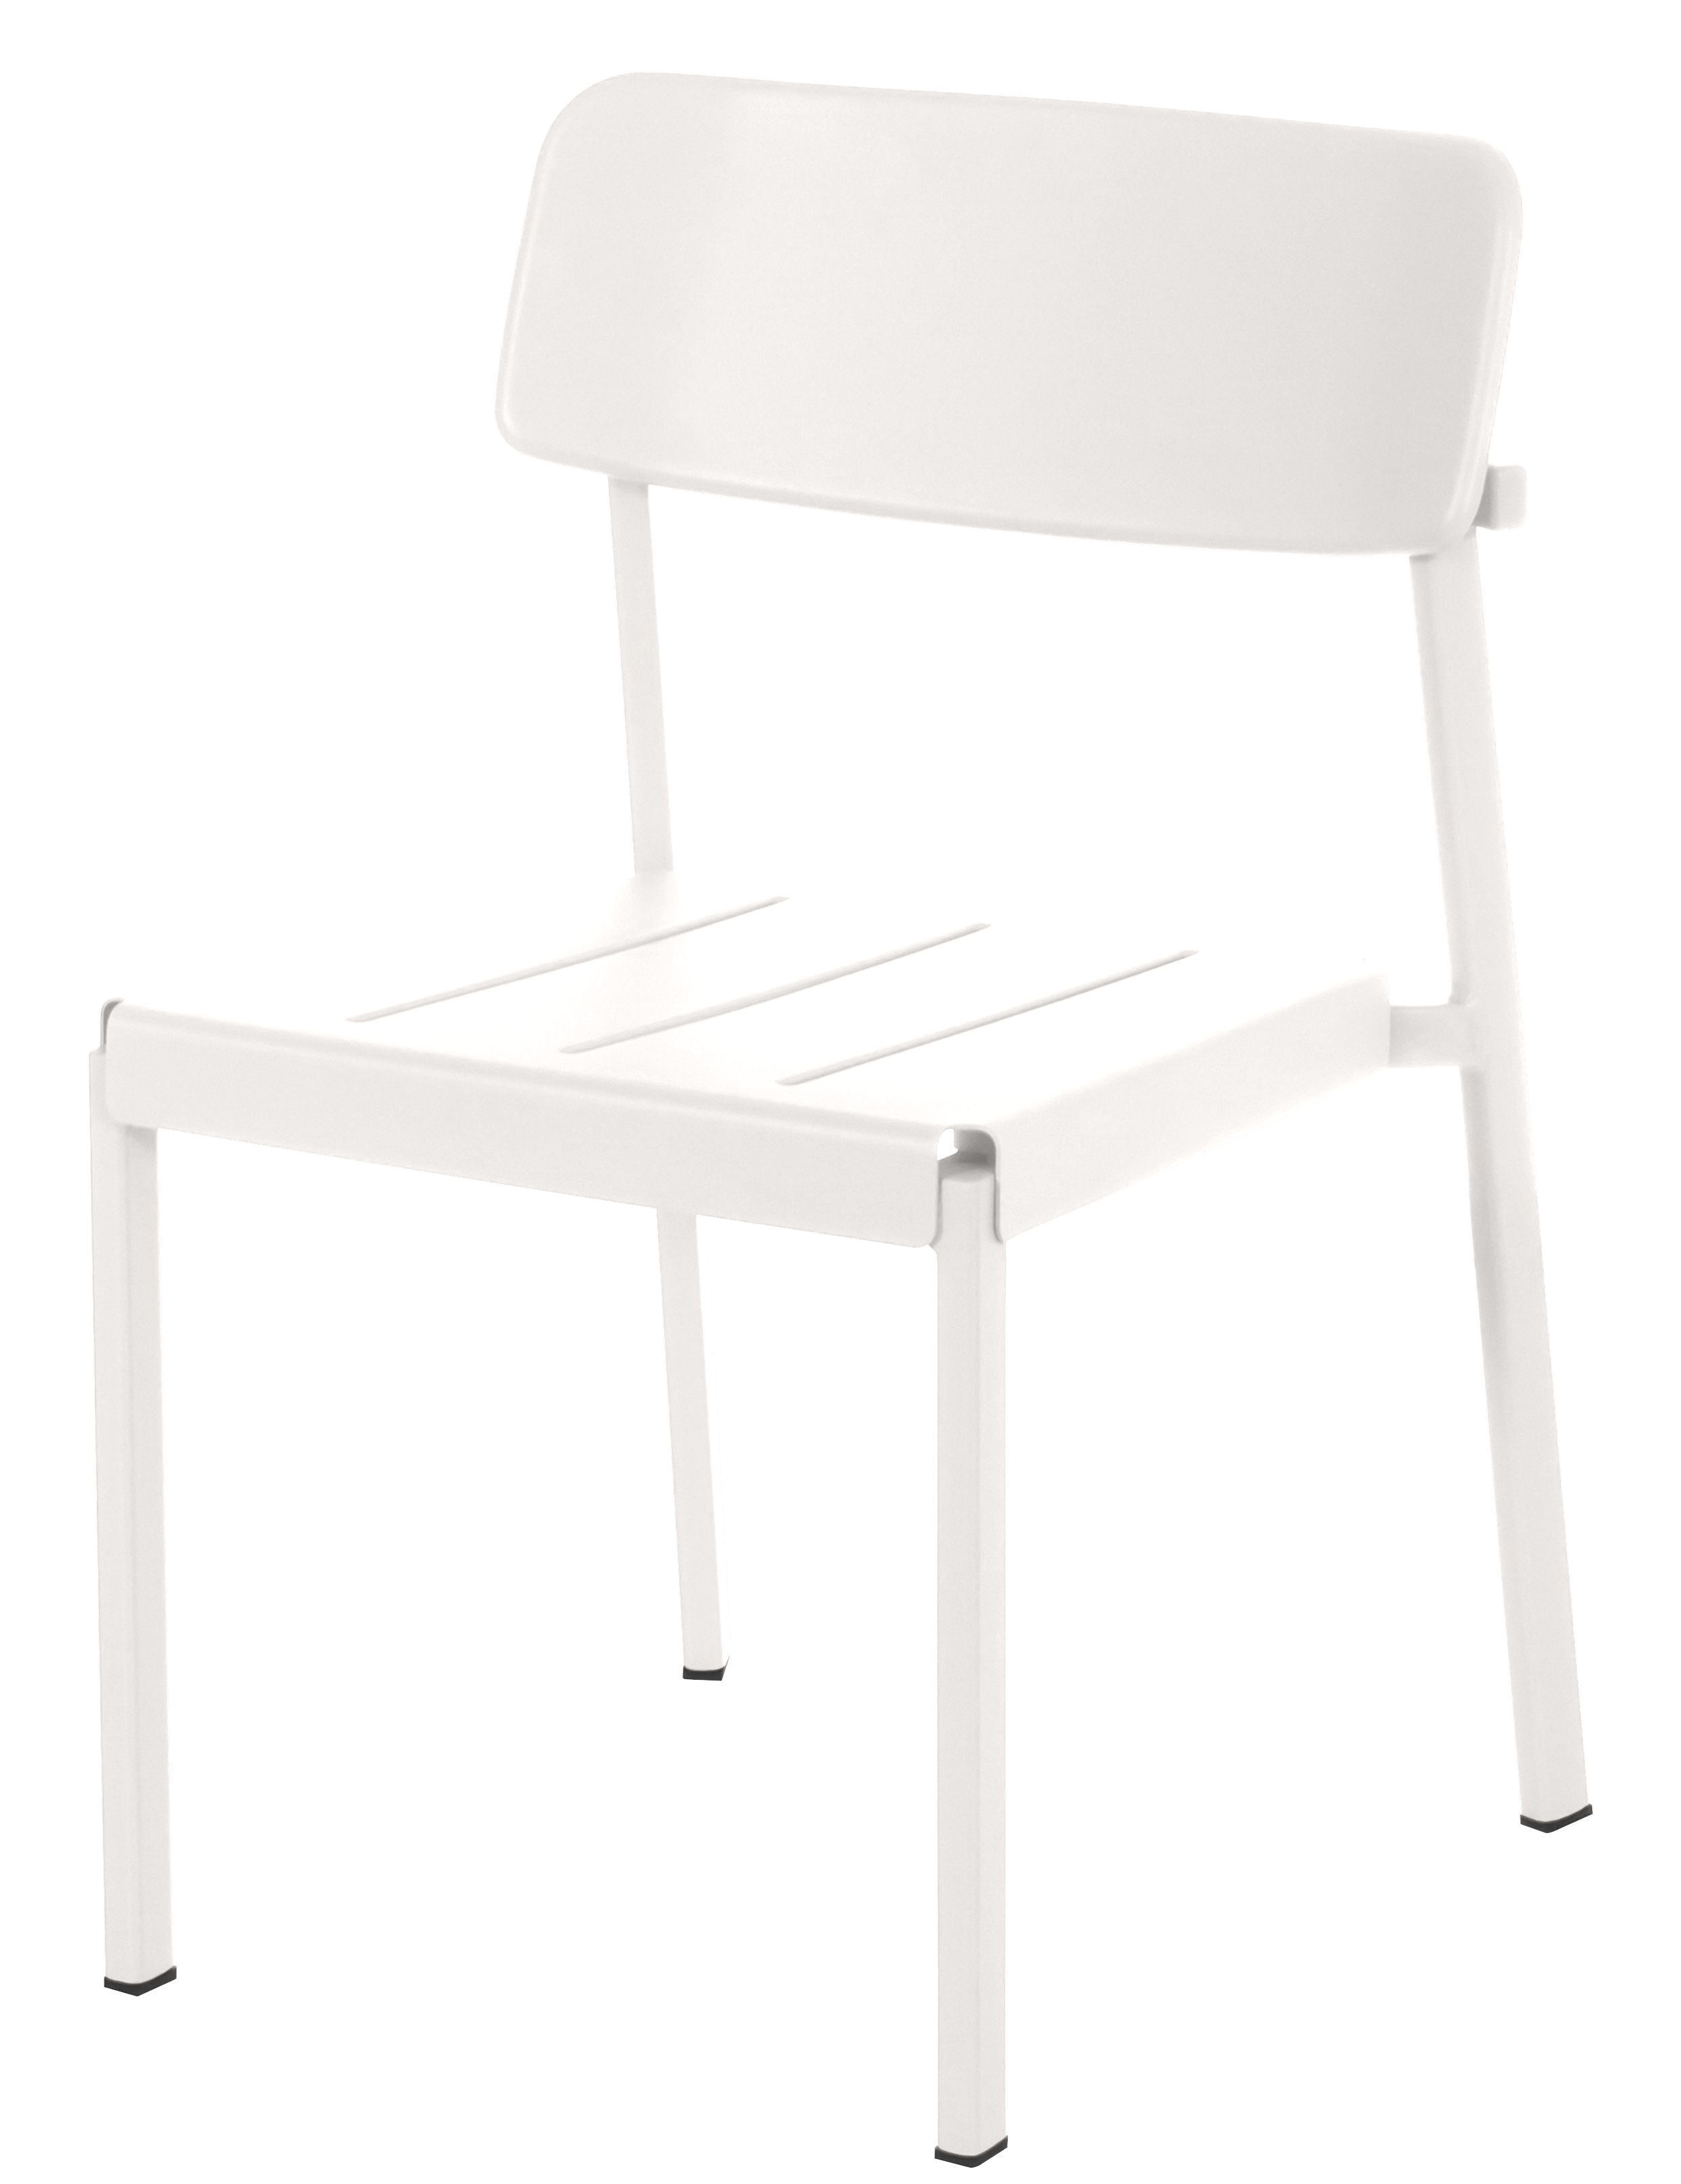 Arredamento - Sedie  - Sedia impilabile Shine di Emu - Bianco - alluminio verniciato